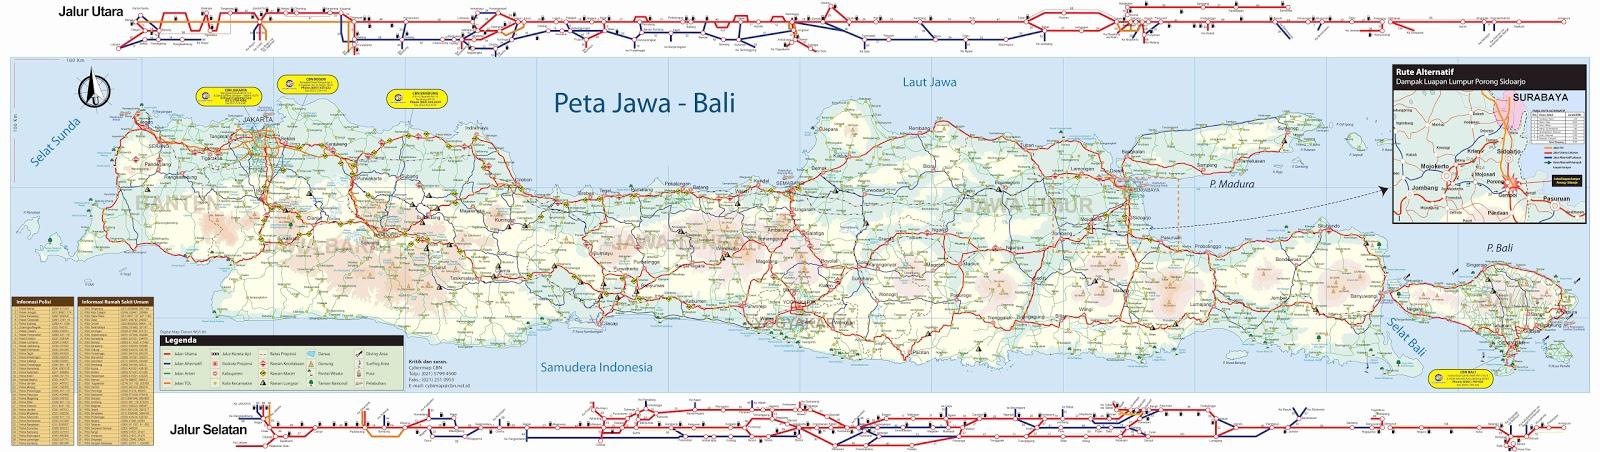 Image Result For Jadwal Puasa Jakarta